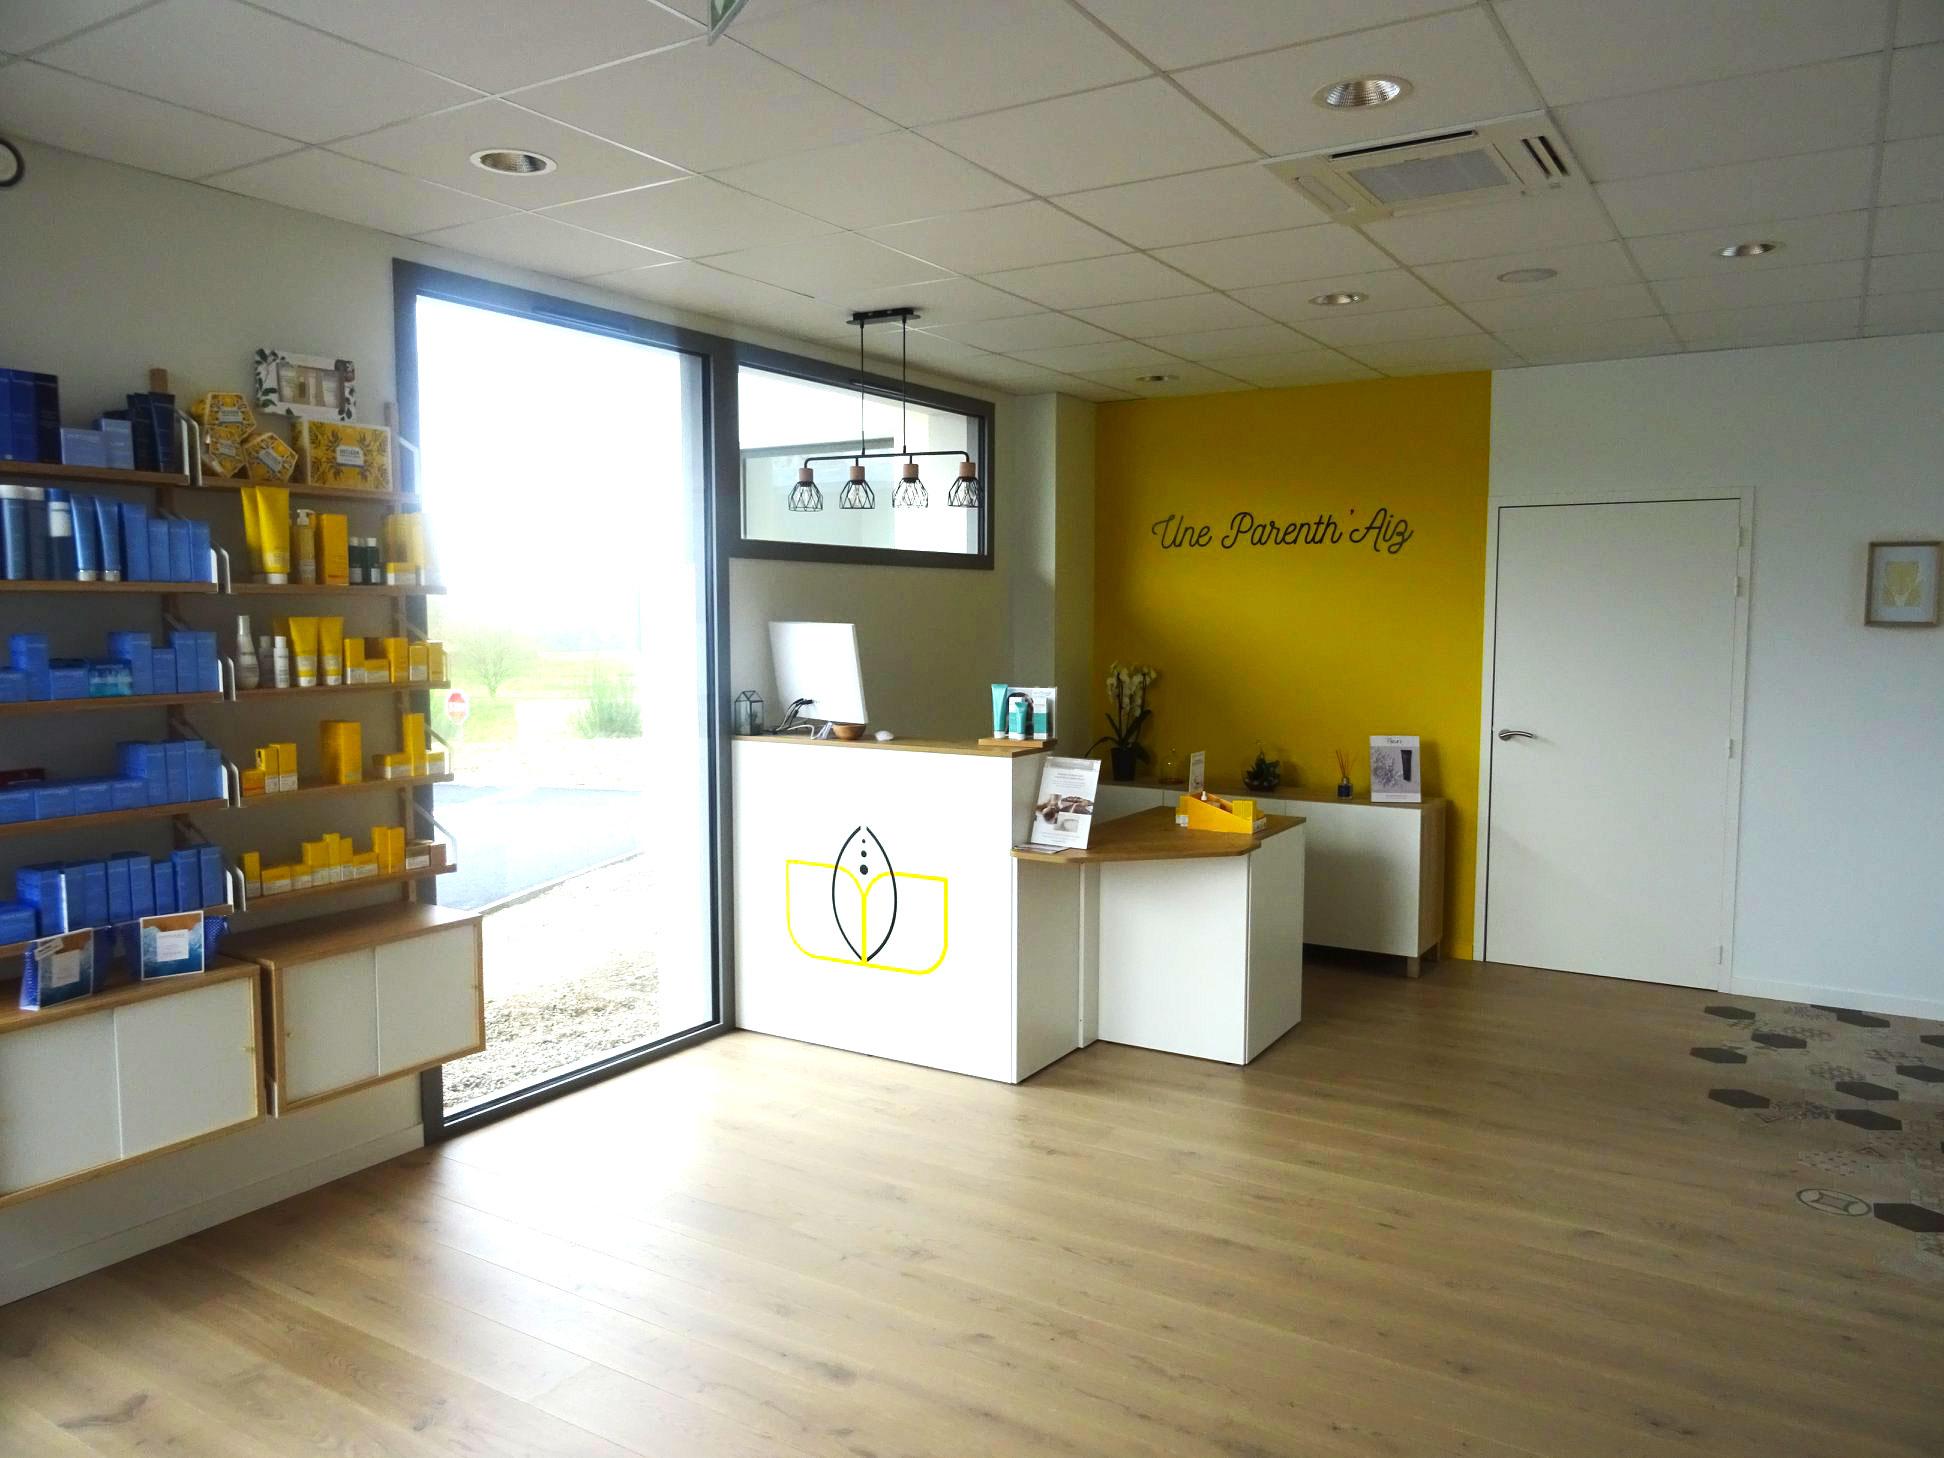 Institut-de-beaute-ParentAize-Amenagement-interieur-sur-mesure–comptoir-accueil-boutique-agencement-G-Viaud-Aizenay-Vendee3